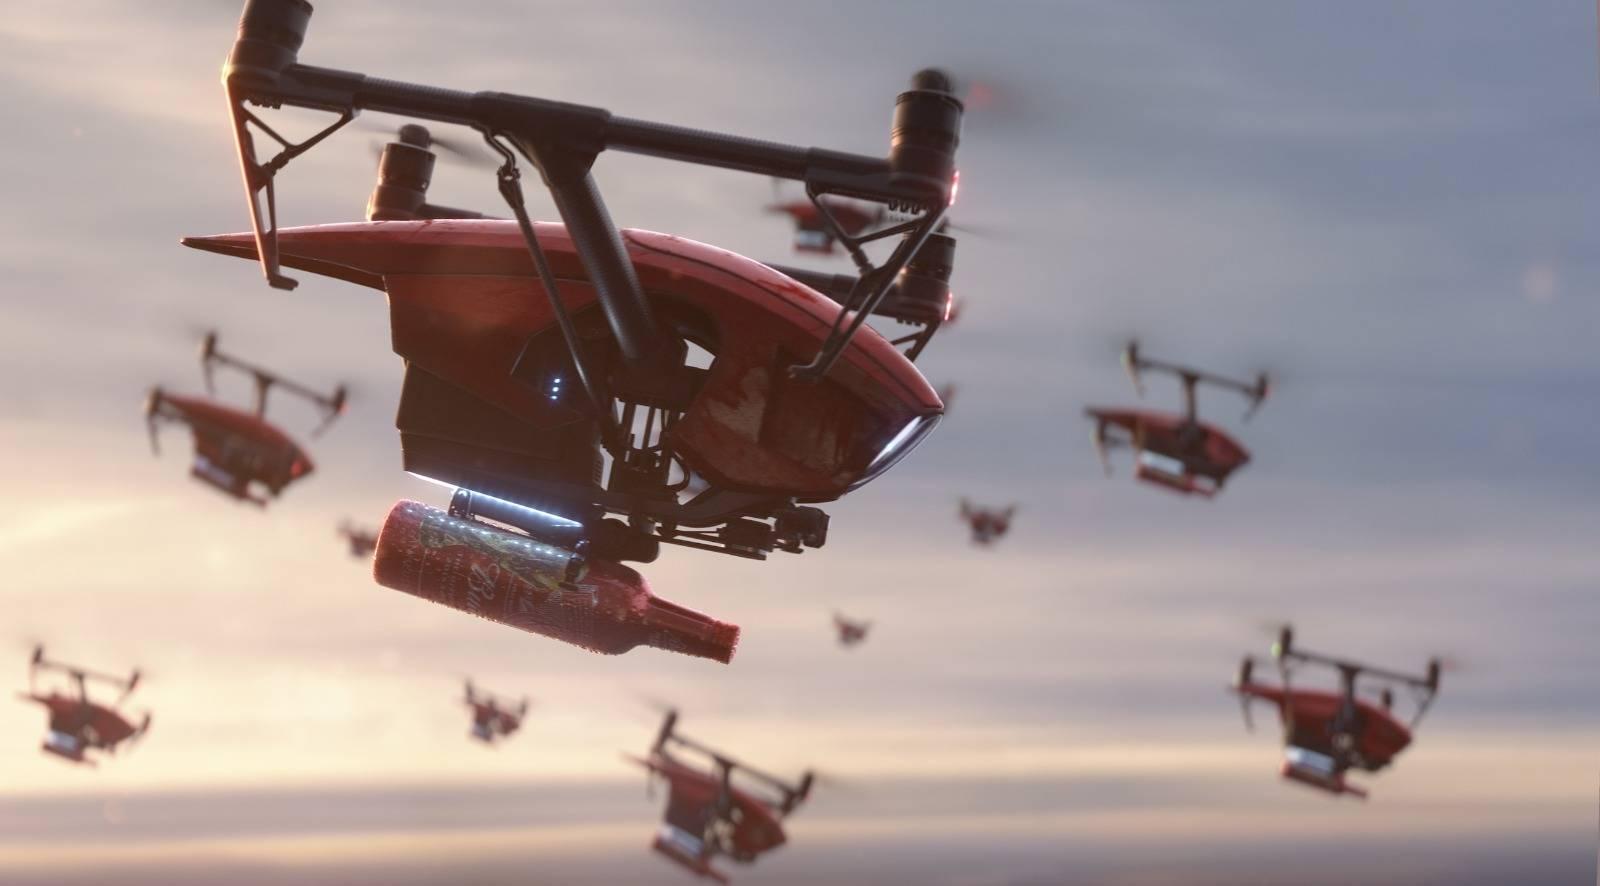 Copa Mundial de la FIFA 2018 Budweiser y su publicidad con drones cerveceros.